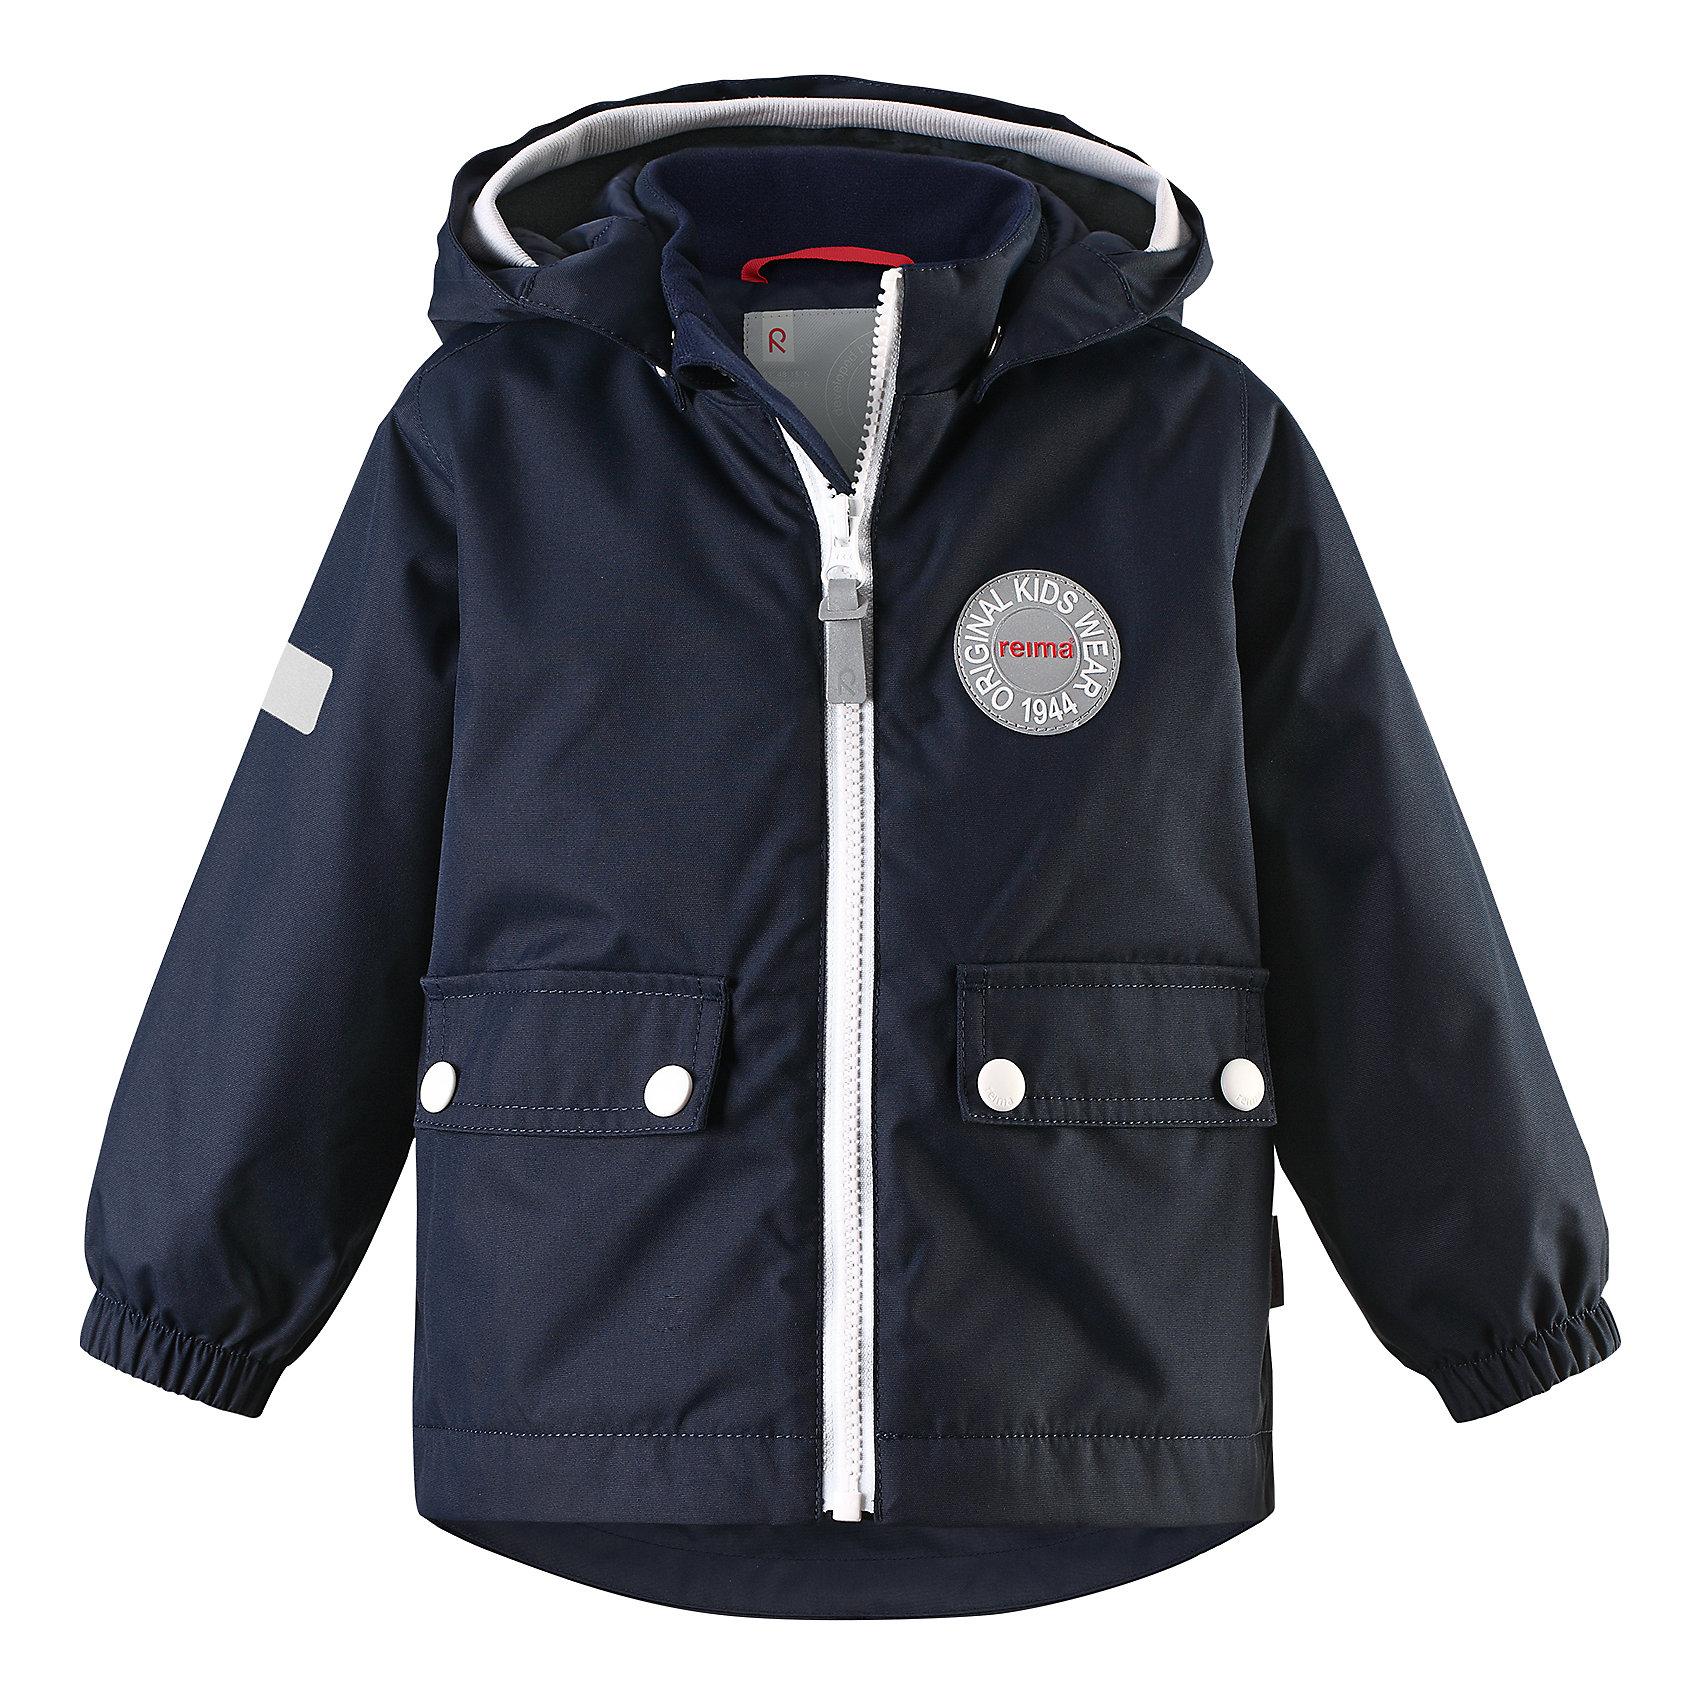 Куртка Quilt для мальчика Reimatec® ReimaВерхняя одежда<br>Характеристики товара:<br><br>• цвет: темно-синий<br>• состав: 100% полиэстер, полиуретановое покрытие<br>• температурный режим: от 0° до +10°С<br>• легкий утеплитель: 80 гр/м2<br>• водонепроницаемость: 8000 мм<br>• воздухопроницаемость: 5000 мм<br>• износостойкость: 30000 циклов (тес Мартиндейла)<br>• основные швы проклеены, водонепроницаемы<br>• водо- и ветронепроницаемый, дышащий, грязеотталкивающий материал<br>• безопасный съёмный капюшон<br>• мягкая резинка по краю капюшона<br>• эластичные манжеты<br>• два кармана с клапанами<br>• светоотражающие детали<br>• комфортная посадка<br>• страна производства: Китай<br>• страна бренда: Финляндия<br>• коллекция: весна-лето 2017<br><br>В межсезонье верхняя одежда для детей может быть модной и комфортной одновременно! Демисезонная куртка поможет обеспечить ребенку комфорт и тепло. Она отлично смотрится с различной одеждой и обувью. Изделие удобно сидит и модно выглядит. Материал - прочный, хорошо подходящий для межсезонья, водо- и ветронепроницаемый, «дышащий». Стильный дизайн разрабатывался специально для детей.<br><br>Одежда и обувь от финского бренда Reima пользуется популярностью во многих странах. Эти изделия стильные, качественные и удобные. Для производства продукции используются только безопасные, проверенные материалы и фурнитура. Порадуйте ребенка модными и красивыми вещами от Reima! <br><br>Куртку для девочки Reimatec® от финского бренда Reima (Рейма) можно купить в нашем интернет-магазине.<br><br>Ширина мм: 356<br>Глубина мм: 10<br>Высота мм: 245<br>Вес г: 519<br>Цвет: синий<br>Возраст от месяцев: 24<br>Возраст до месяцев: 36<br>Пол: Мужской<br>Возраст: Детский<br>Размер: 98,74,92,86,80<br>SKU: 5265802